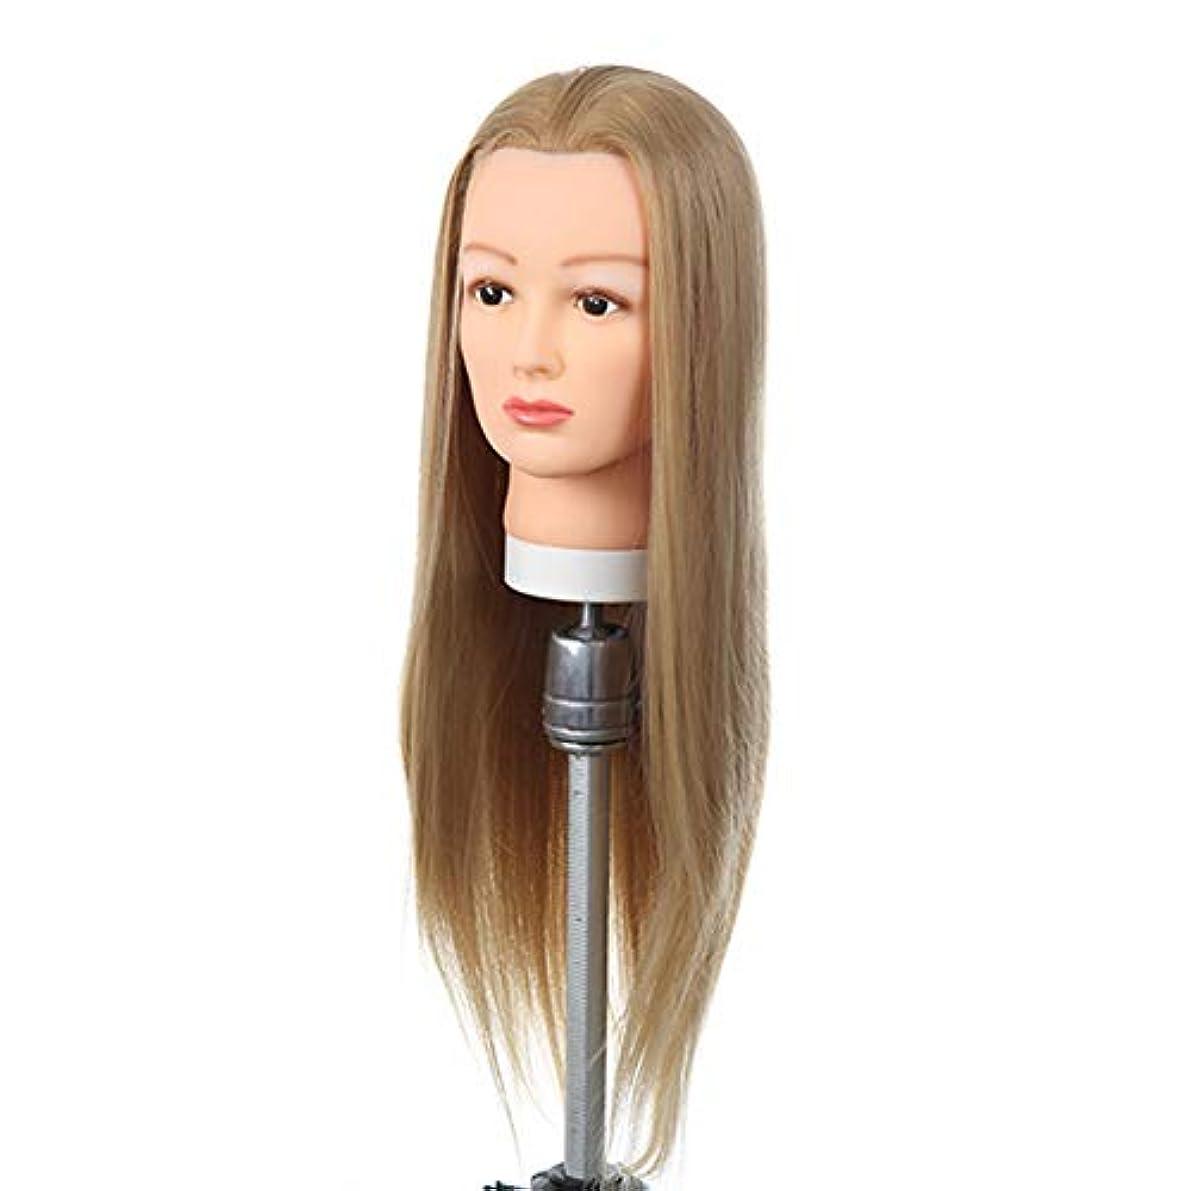 ジレンマ保存メディア高温シルクヘアエクササイズヘッド理髪店トリムヘアトレーニングヘッドブライダルメイクスタイリングヘアモデルダミーヘッド